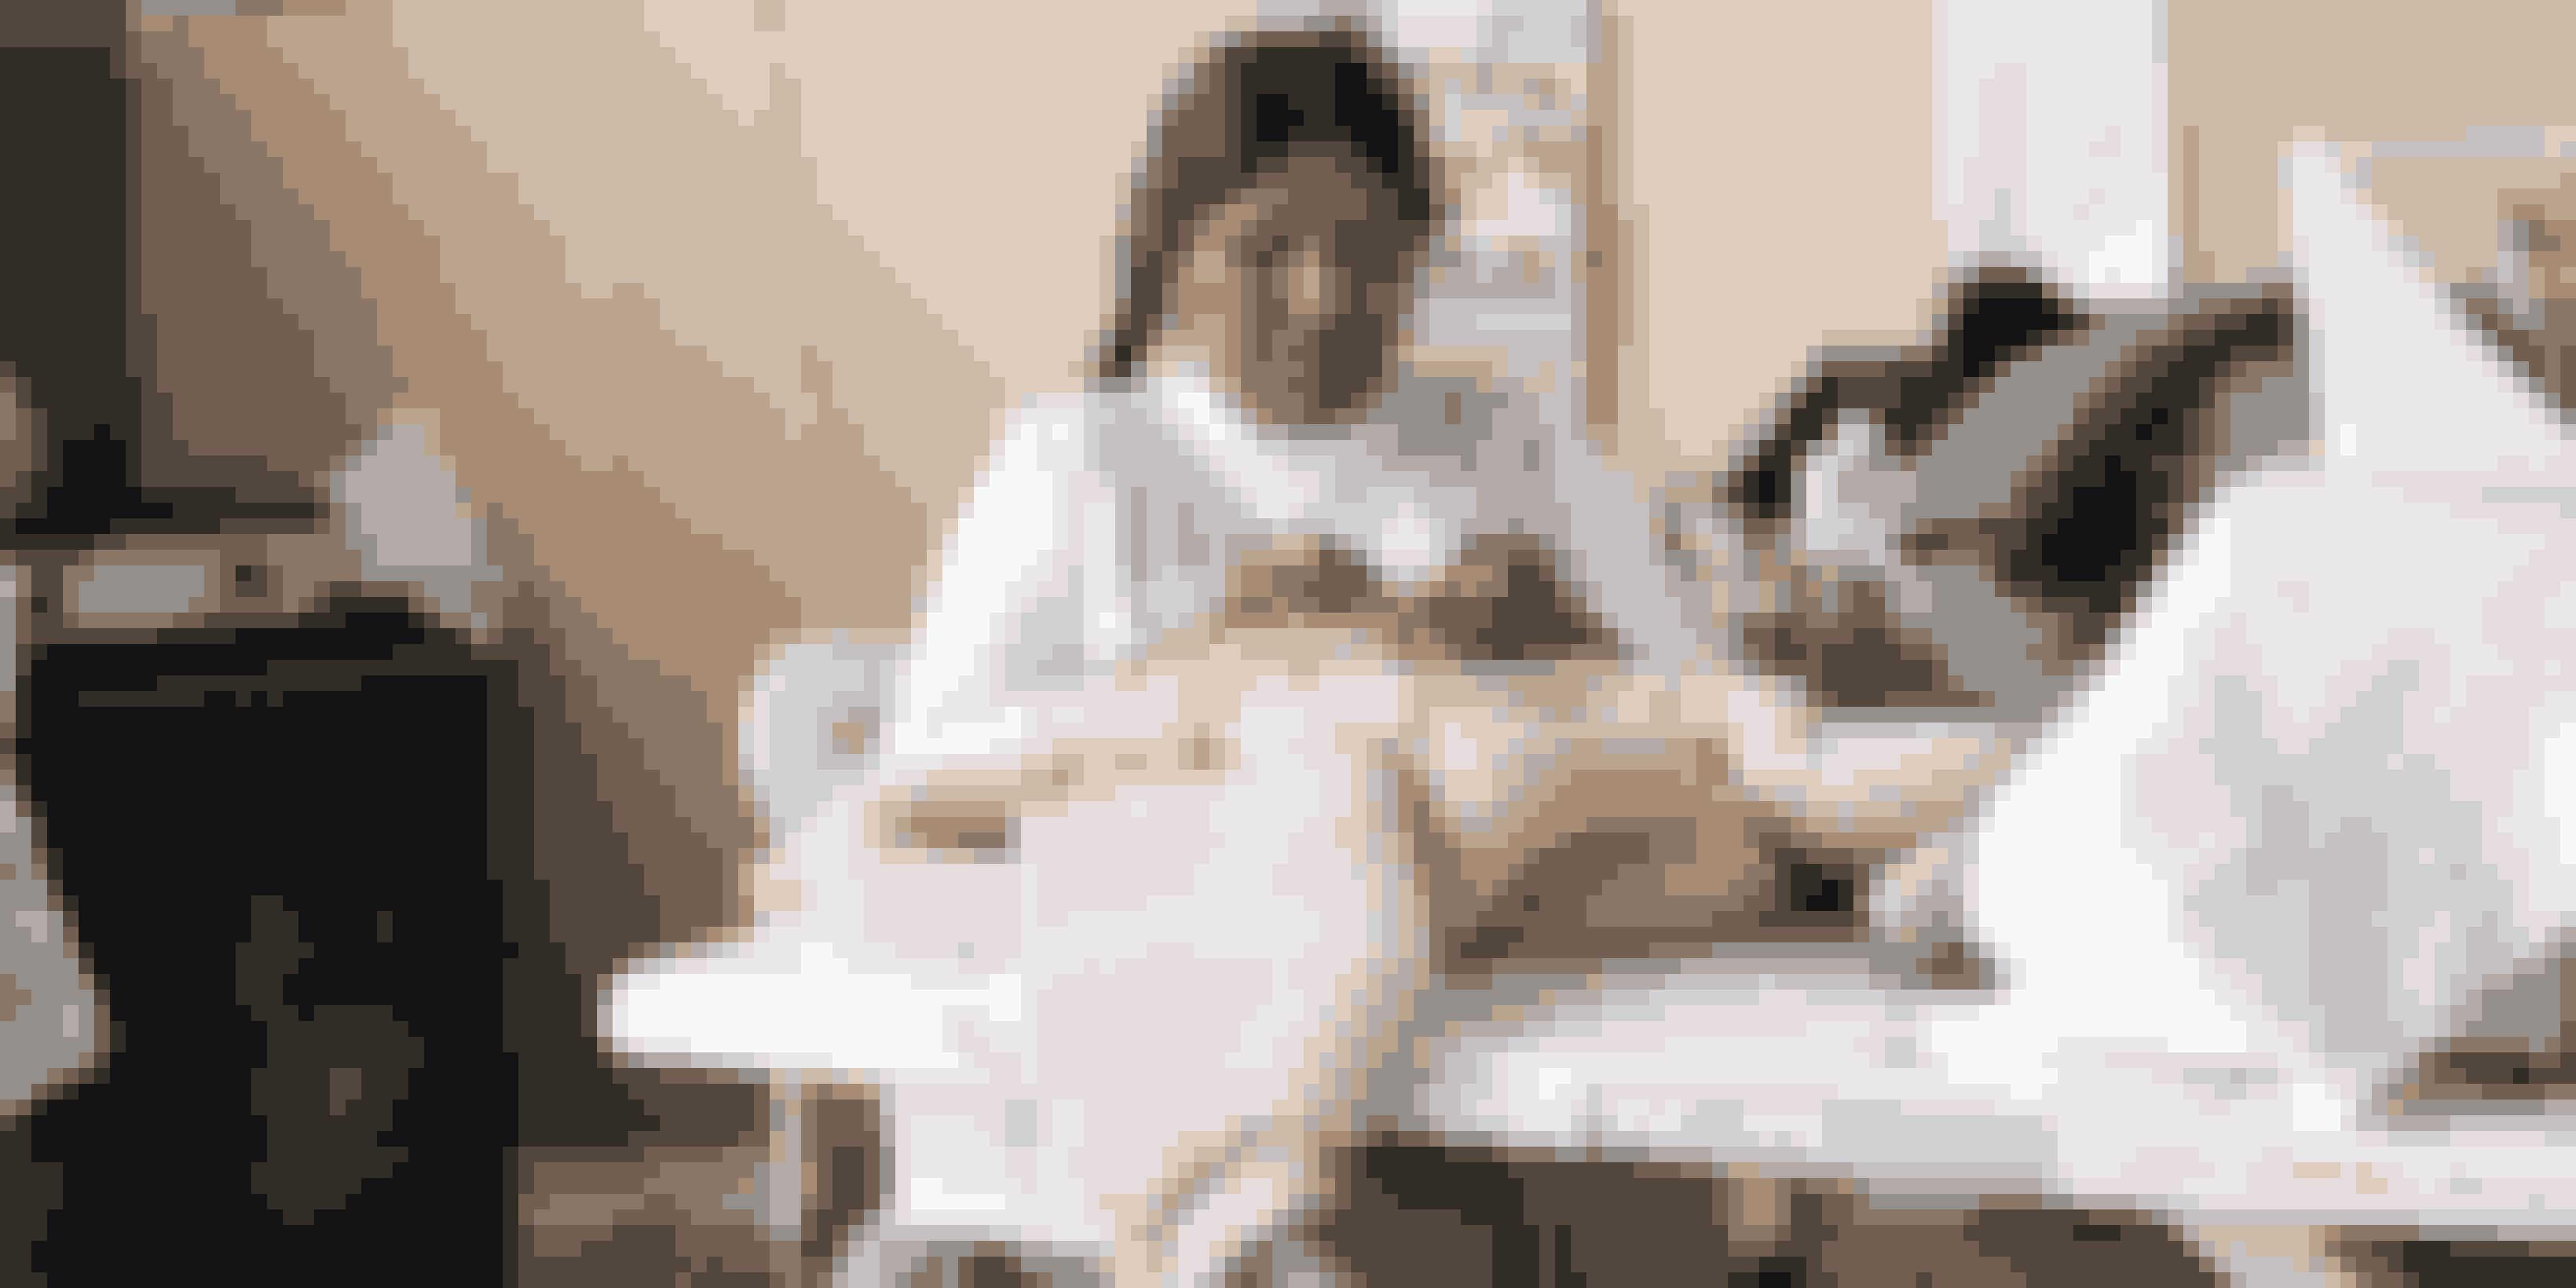 Carcel produceres i et kvindefængsel i Peru og snart også Thailand.